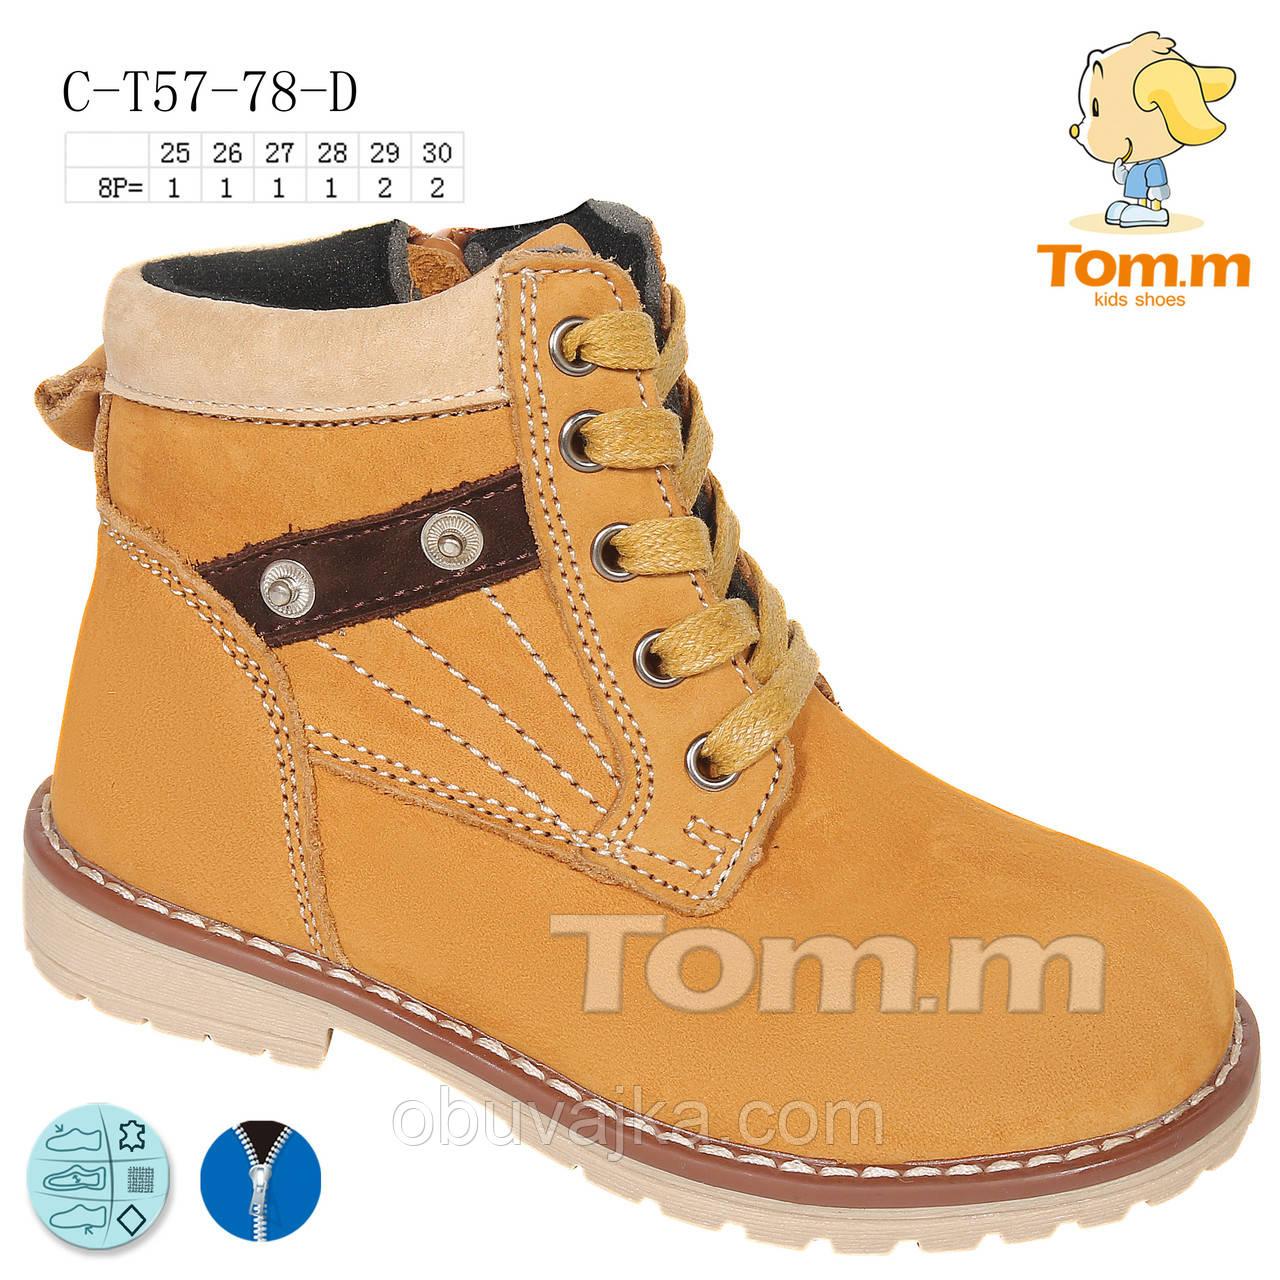 Подростковая демисезонная обувь от фирмы Tom m оптом(25-30)